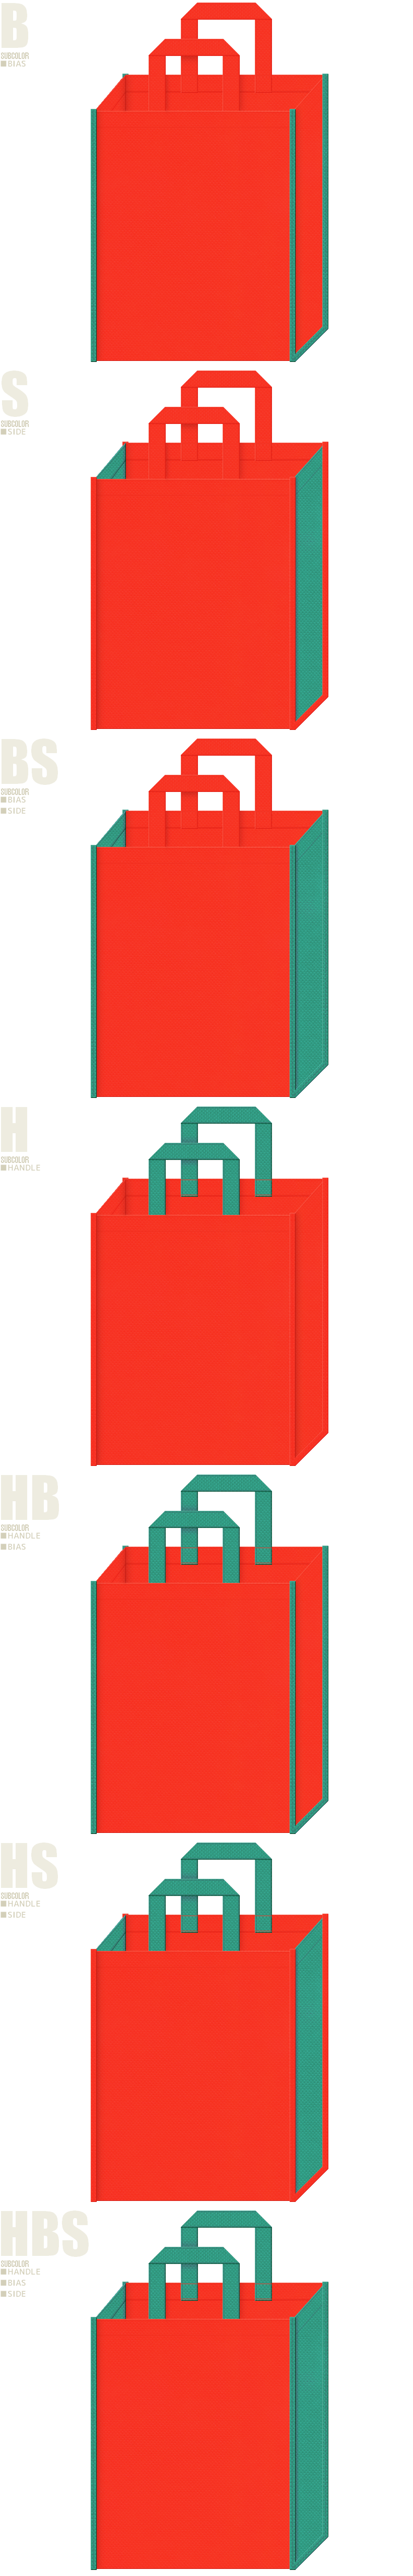 オレンジ色と青緑-不織布バッグ2色配色デザイン例-ゴールド色の印刷ロゴでアラビア風の不織布バッグにも。